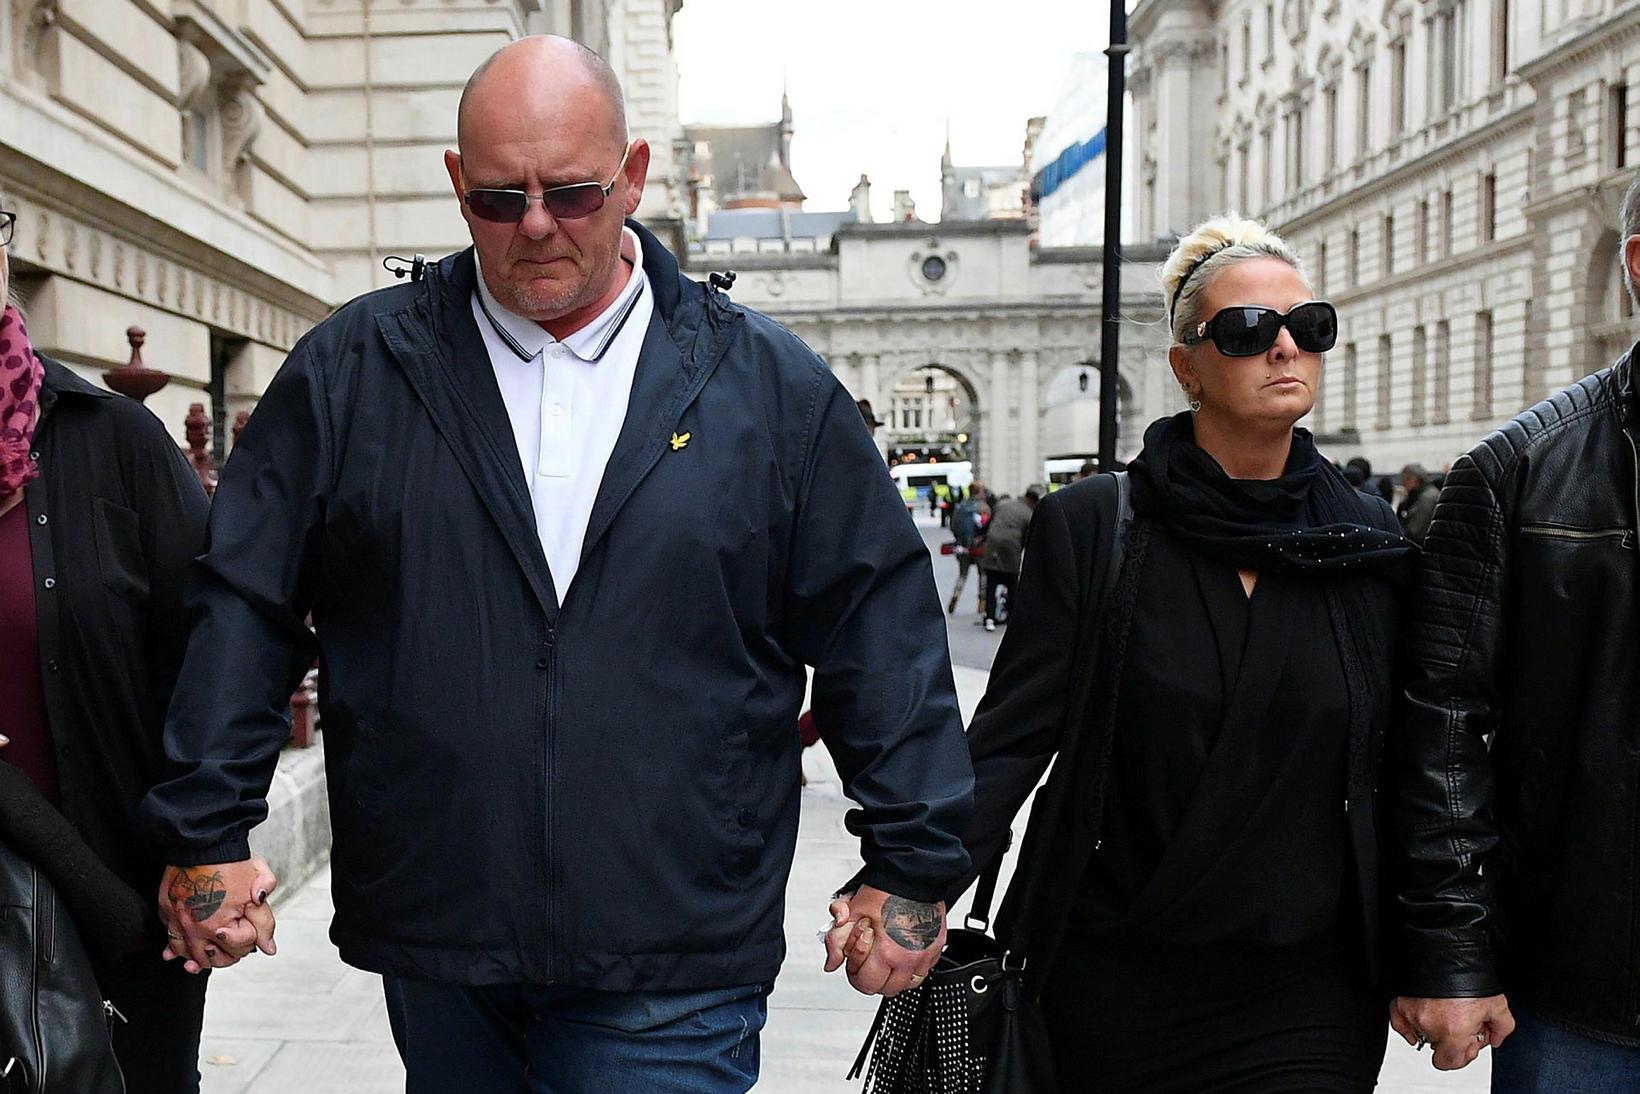 Timm Dunn og Charlotte Charles, foreldrar Harry Dunn, krefjast réttlætis …